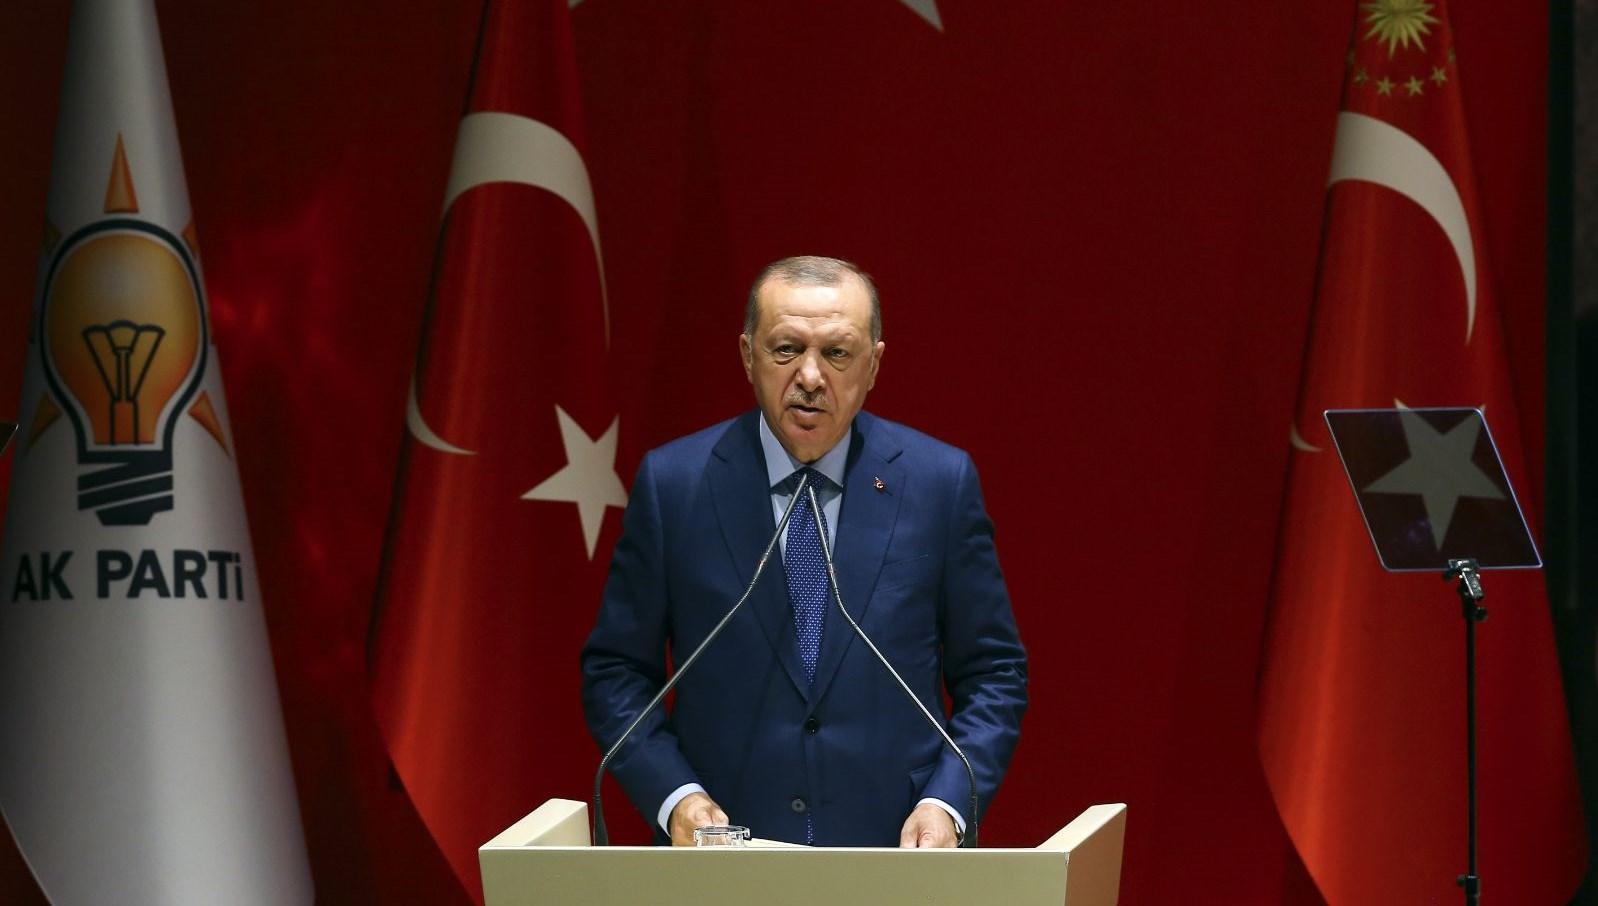 ''AK Parti'de eski diye bir kavram yok''